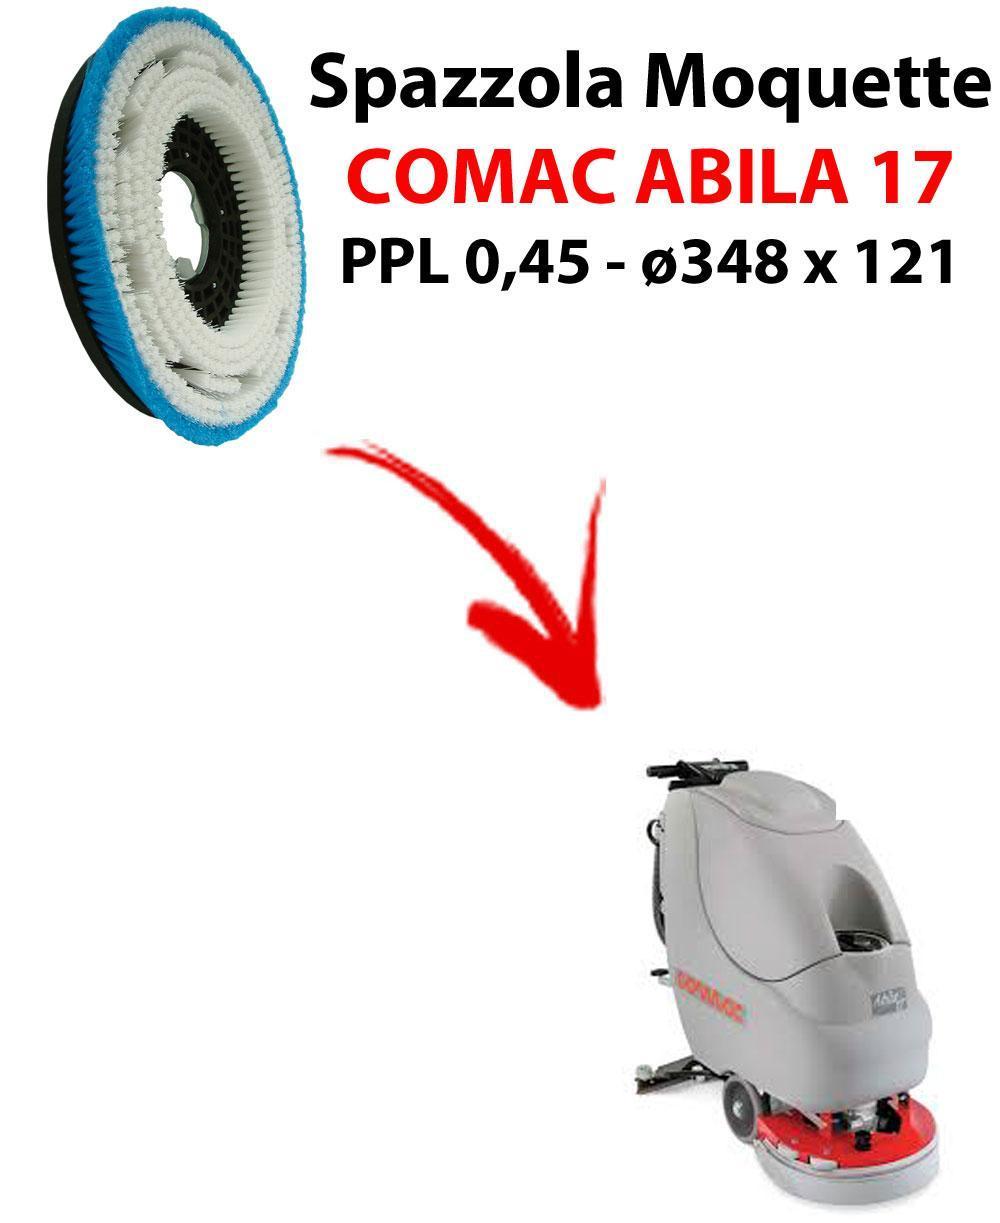 BROSSE MOQUETTE  pour autolaveuses COMAC ABILA 17. Reference: PPL 0,45 C/FLANGIA diamétre 348 X 121